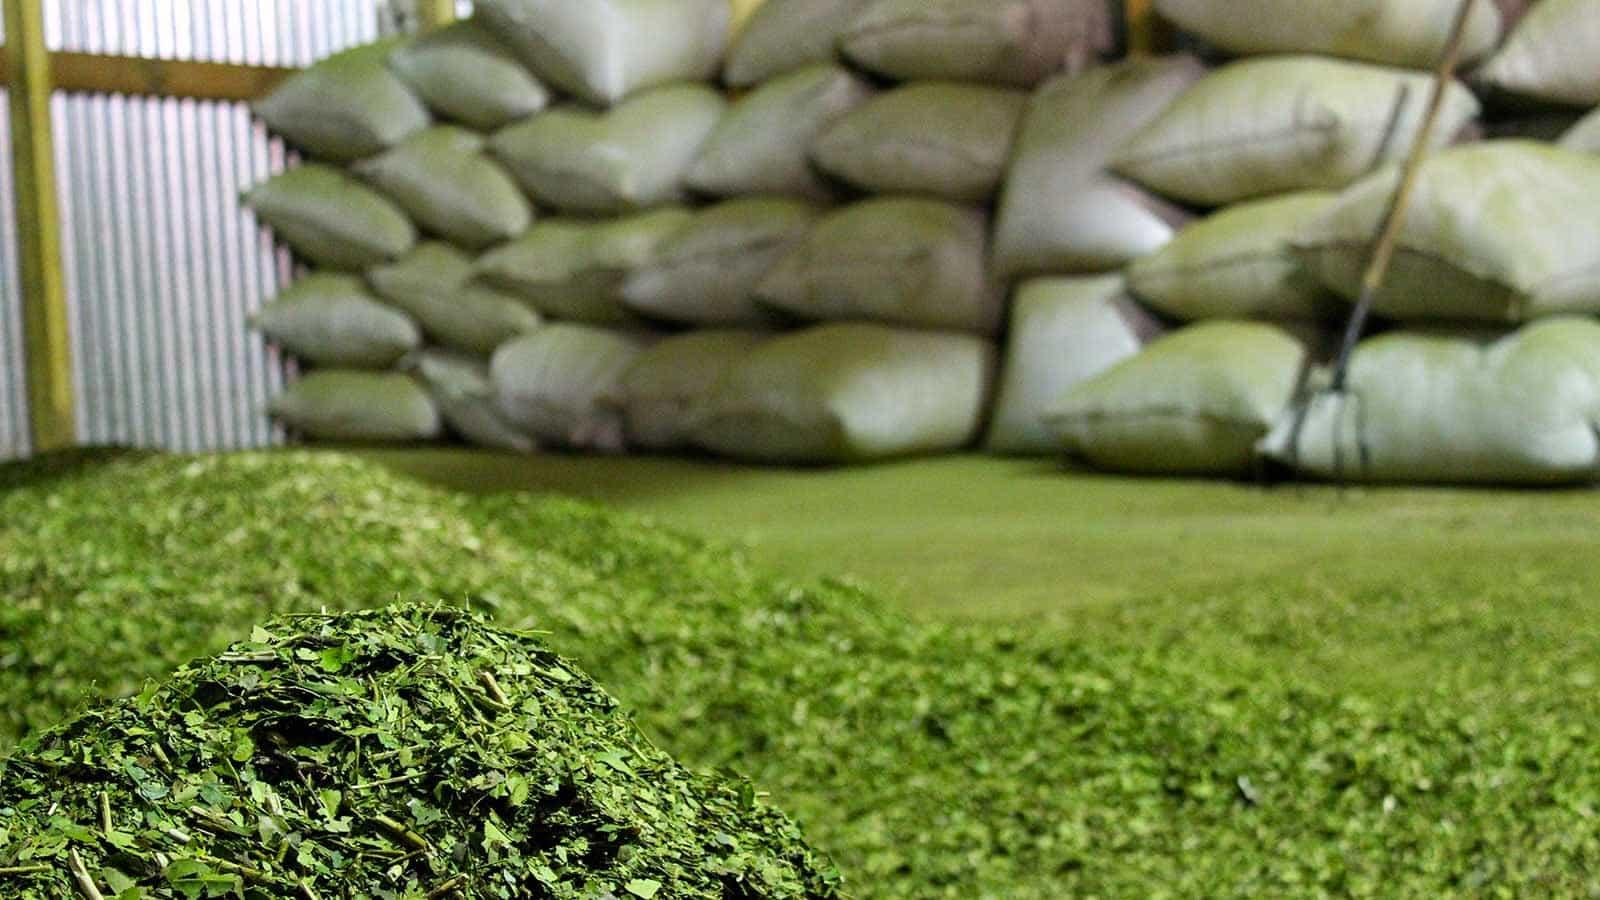 La yerba y el tabaco entre las economías regionales que perdieron competitividad, según Coninagro